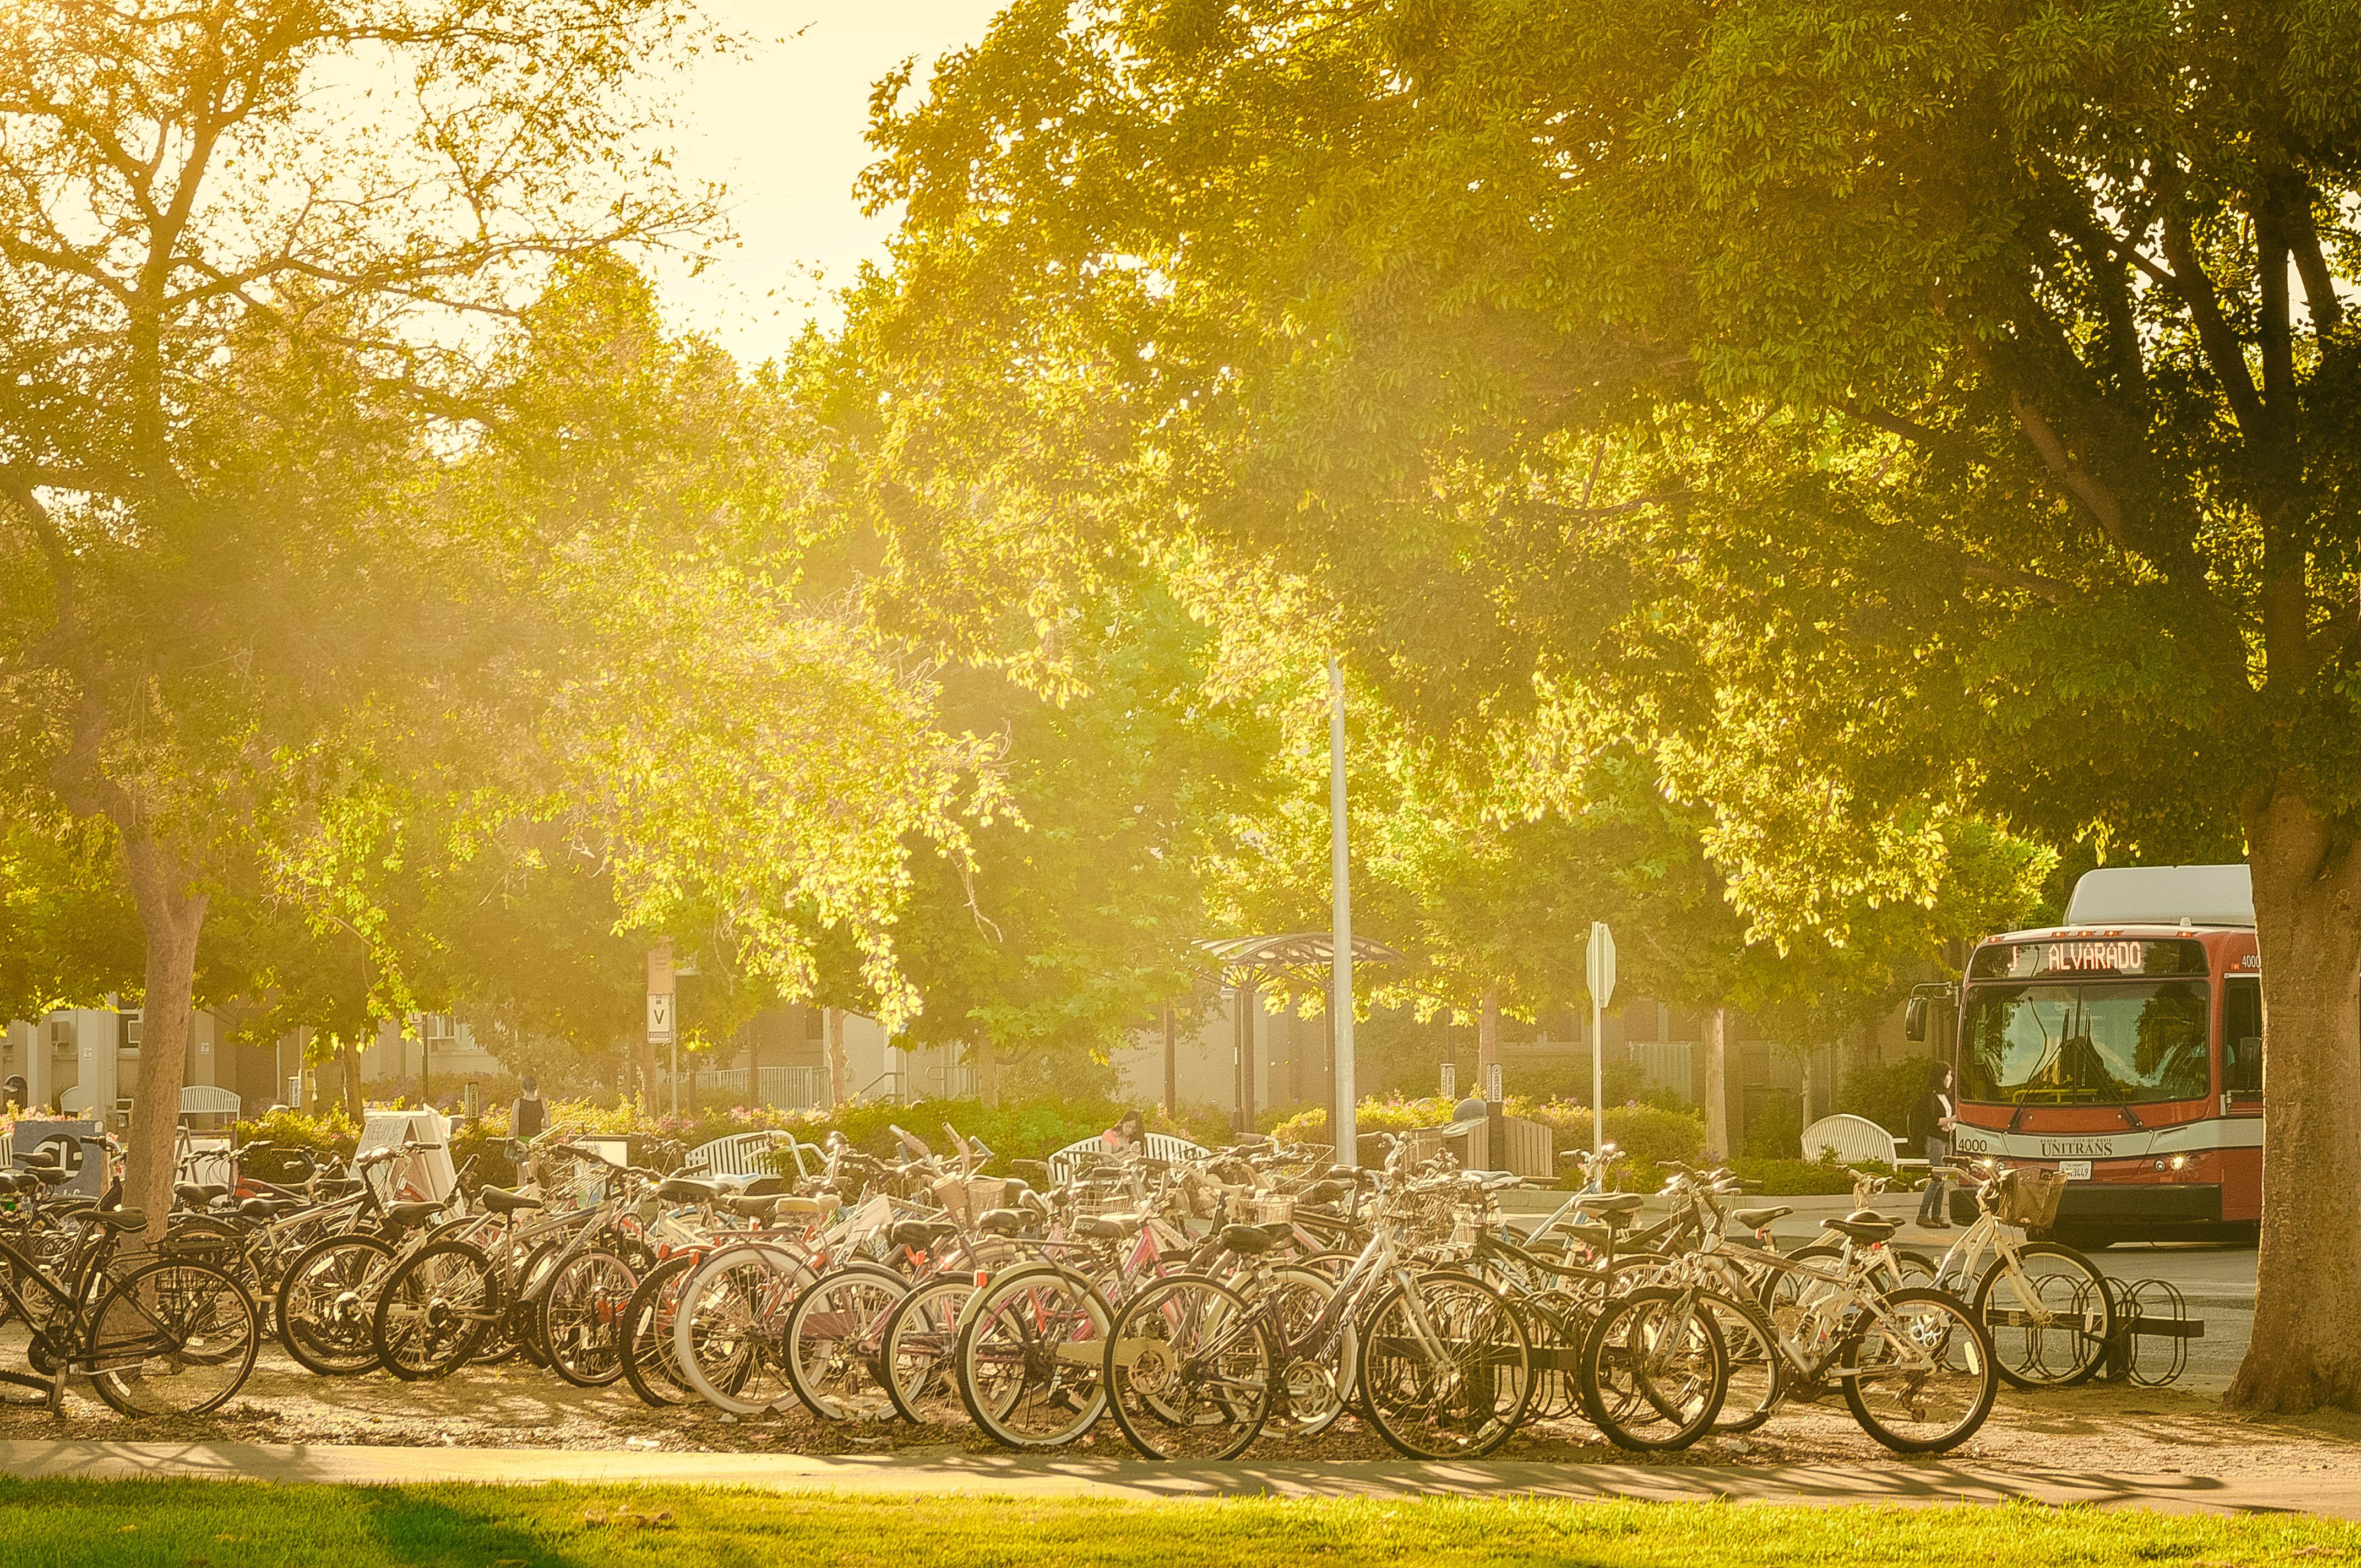 Davis được biết tới như Thủ đô xe đạp của nước Mỹ